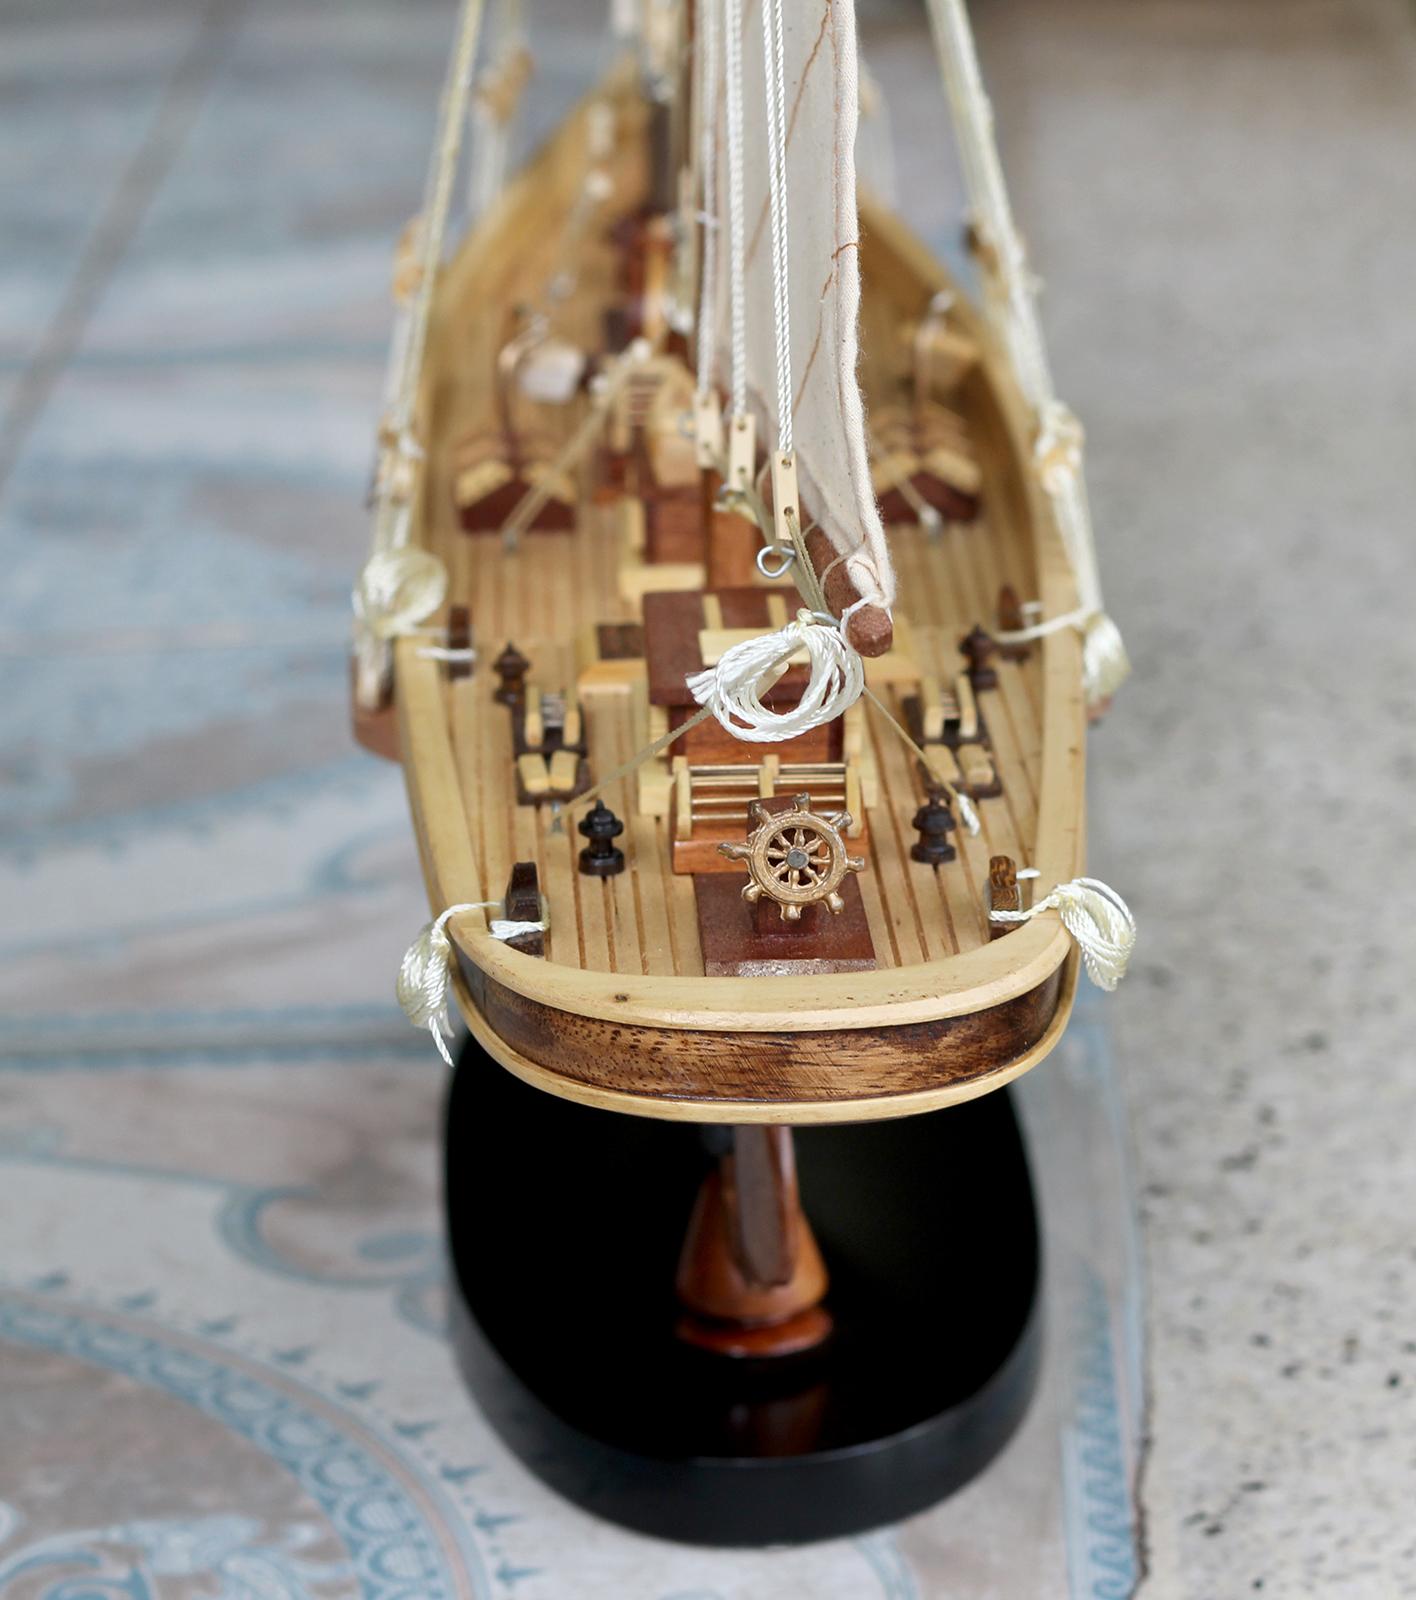 Mô hình thuyền buồm gỗ Atlantic thân tàu 60cm, trang trí nhà cửa - phòng khách - bàn làm việc, quà tặng tân gia - sinh nhật - khai trương